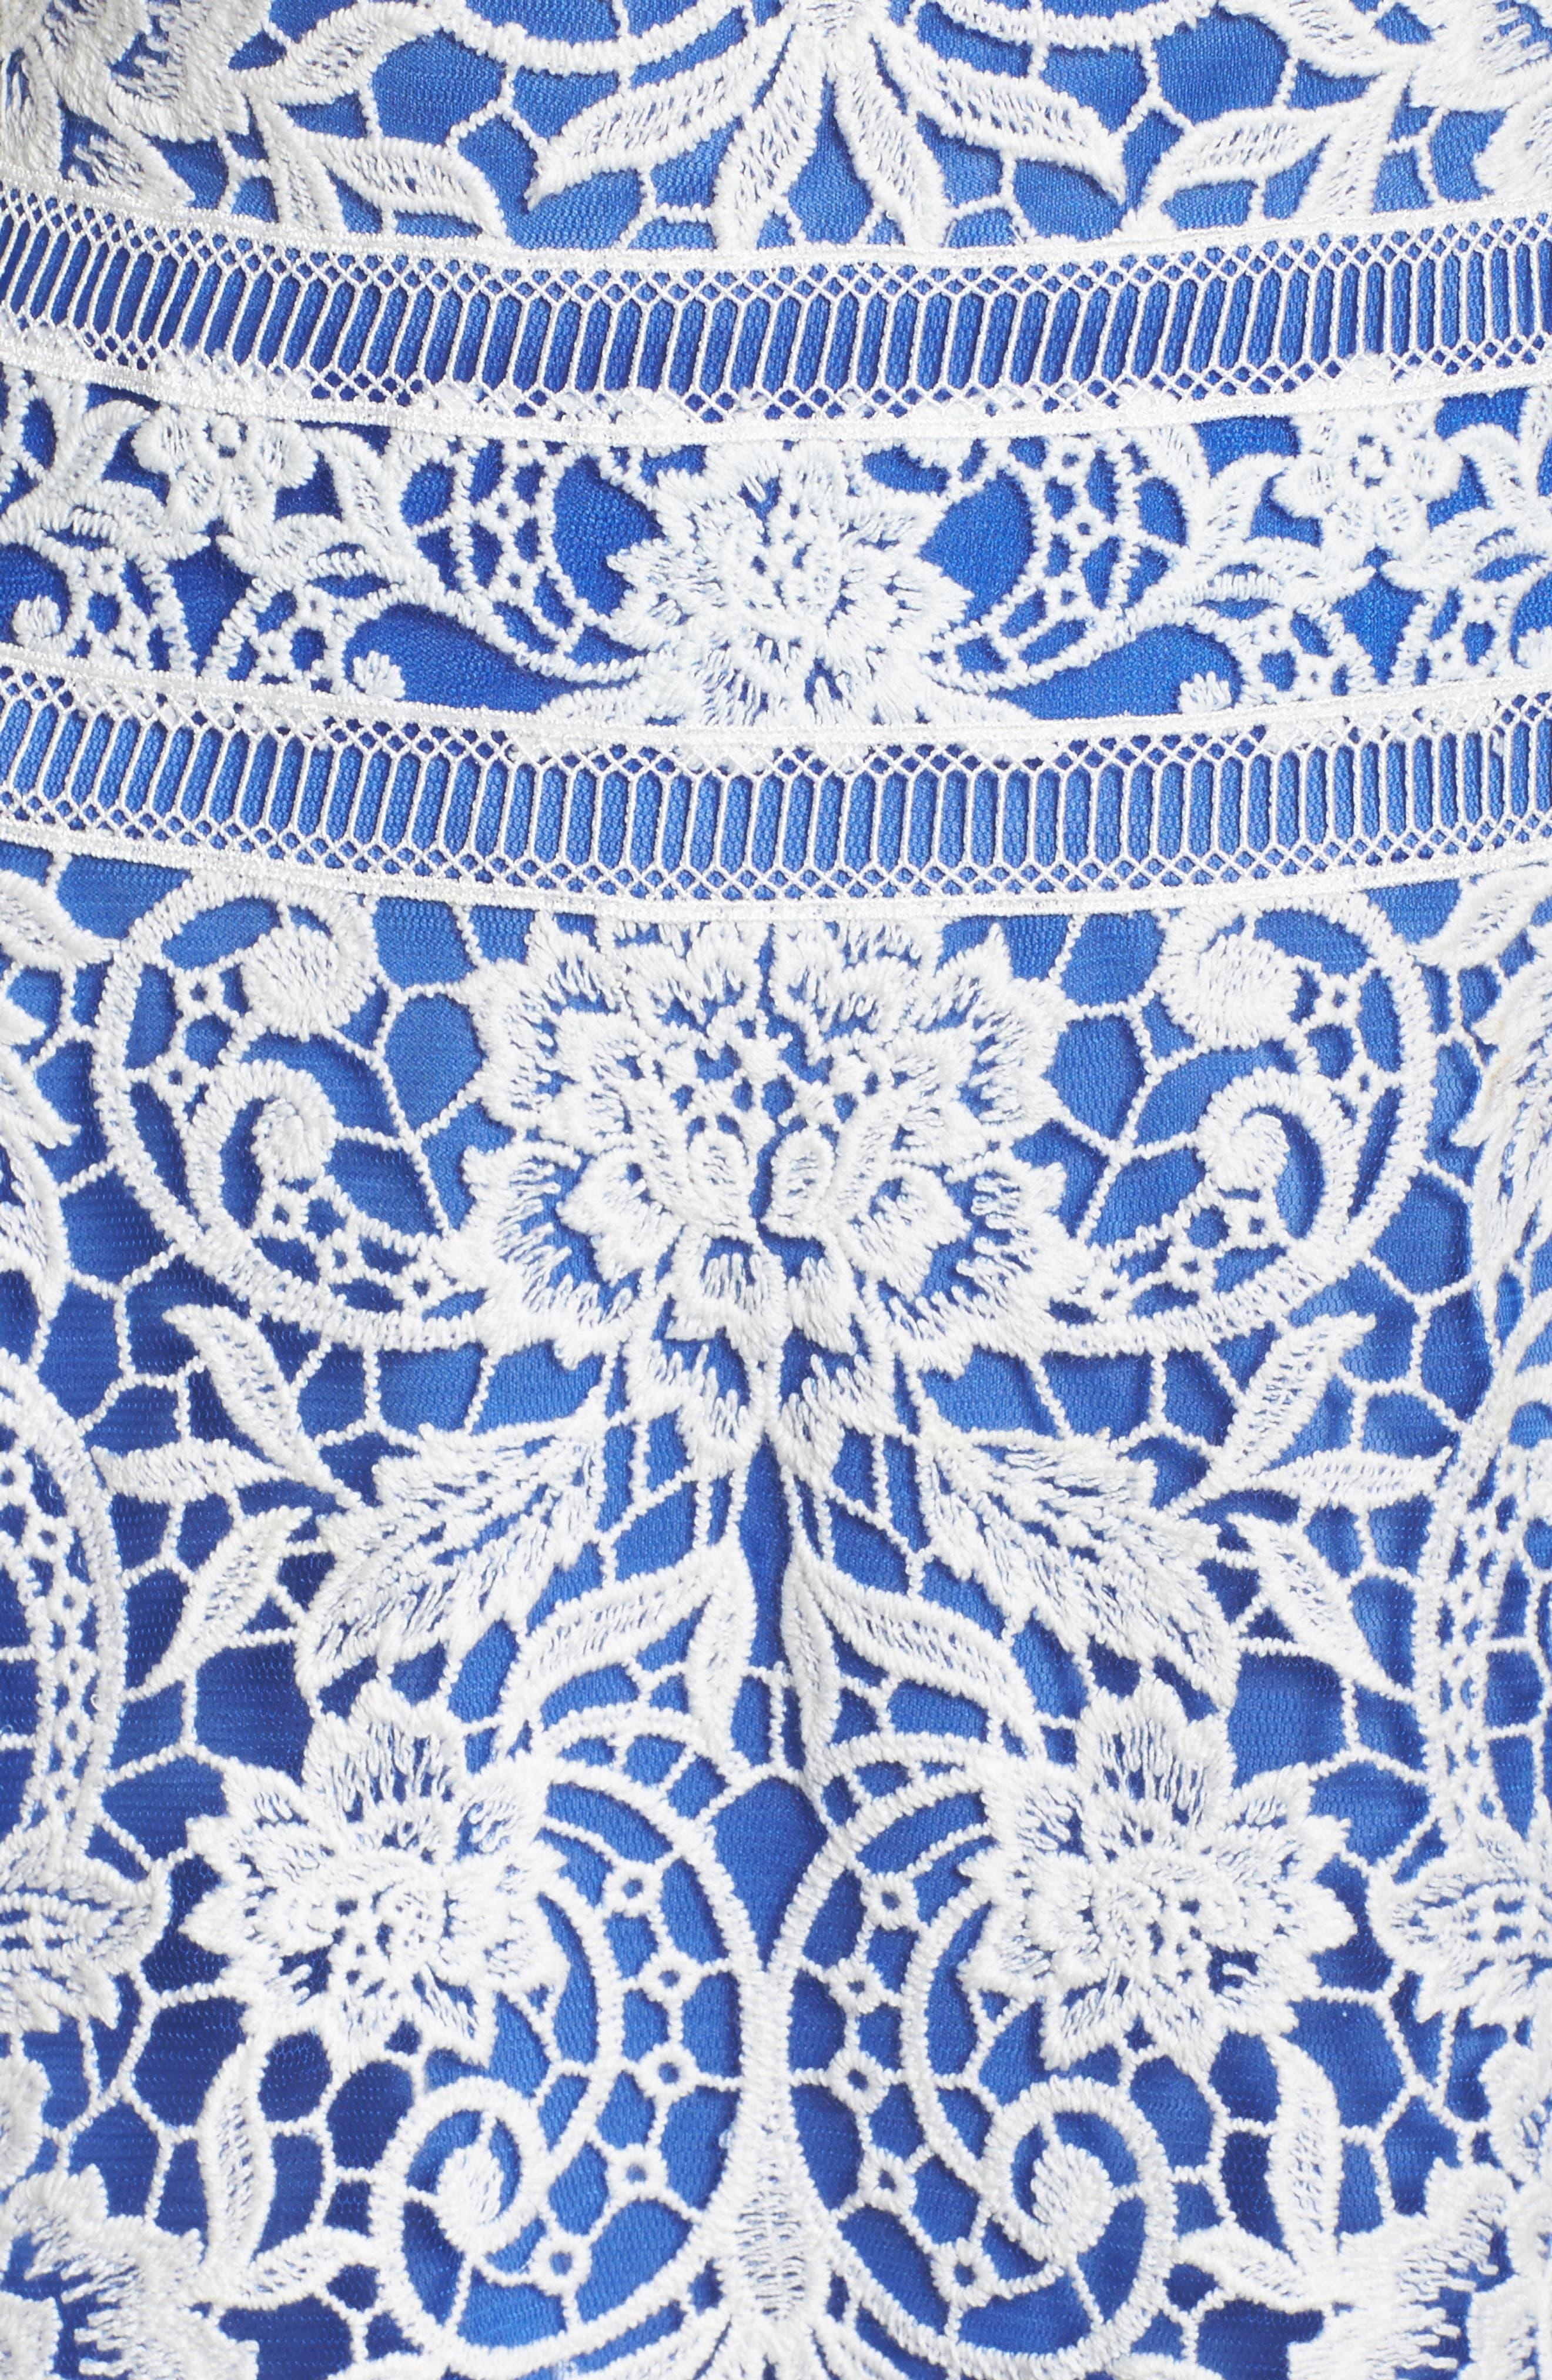 Illusion Neck Crochet Lace Dress,                             Alternate thumbnail 5, color,                             431